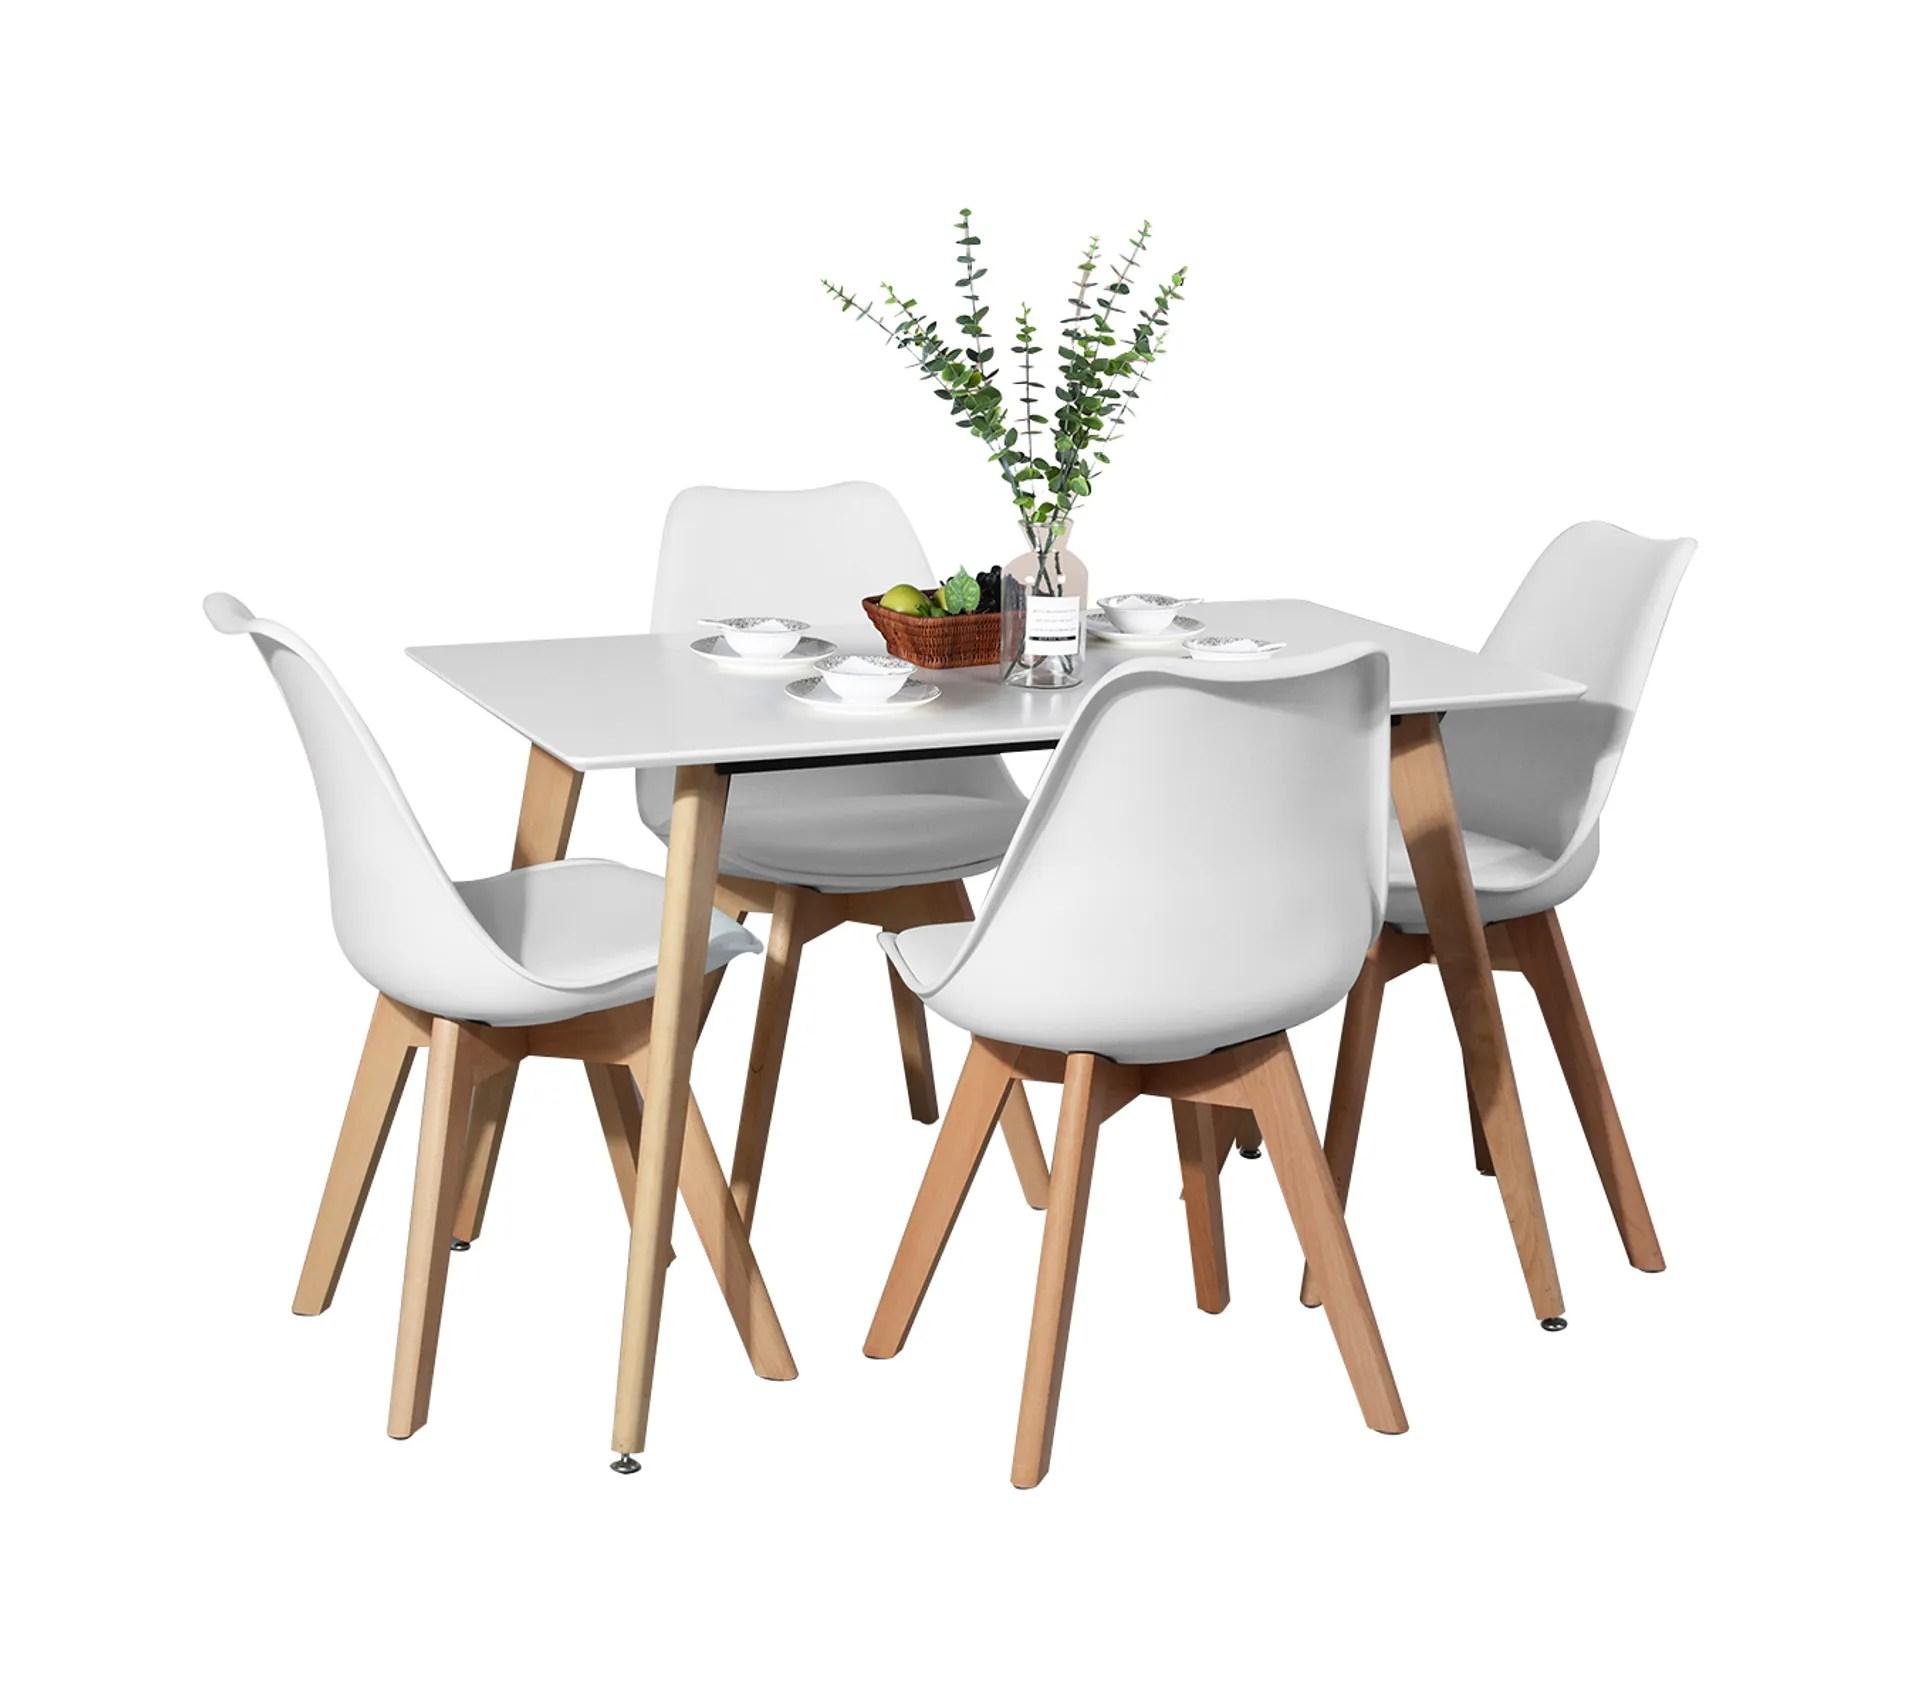 ensemble table a manger rectangulaire 110 70 et 4 chaises tapisse scandinave blanc bois